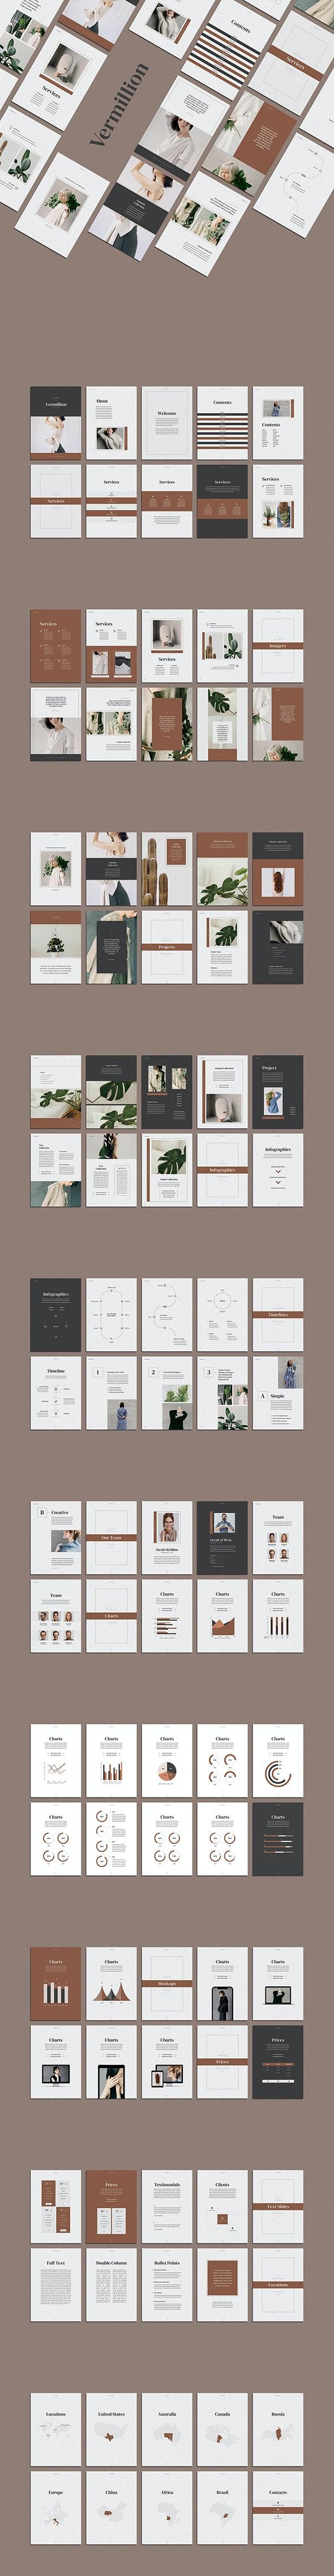 Vermillion Vertical PowerPoint Presentation - Pitch Deck PowerPoint Templates